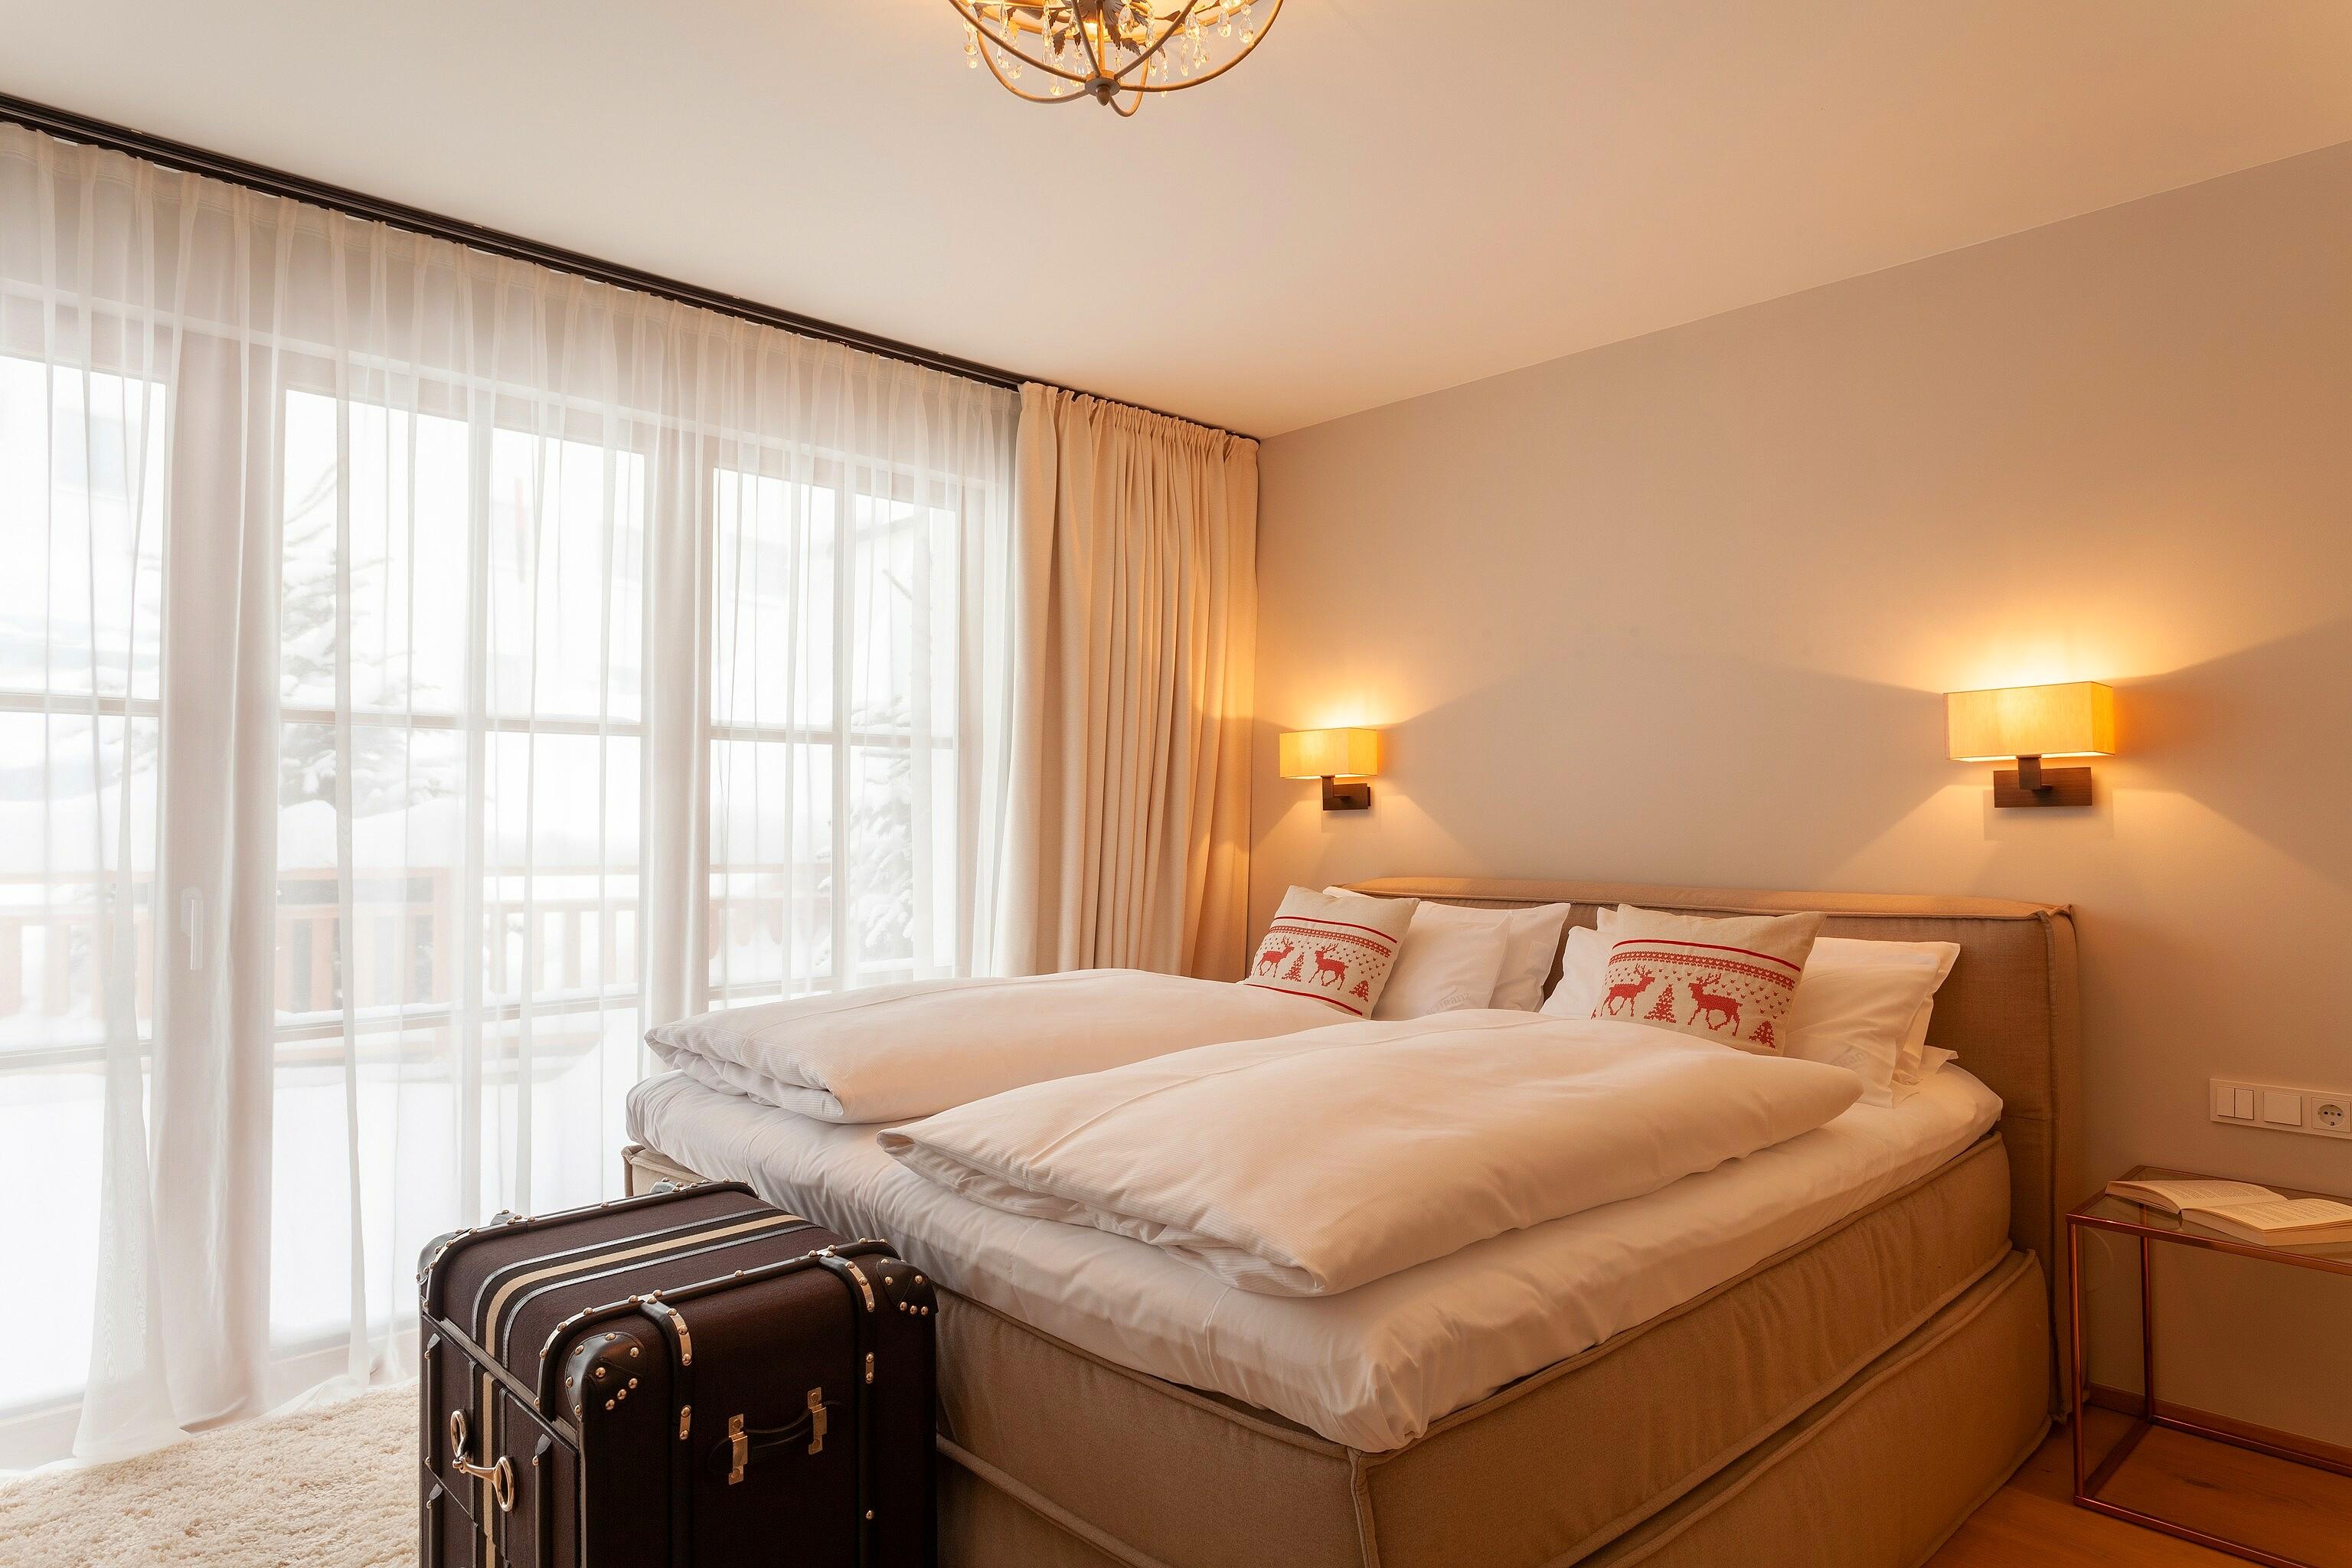 Slider - Apartment 2 - Schlafzimmer